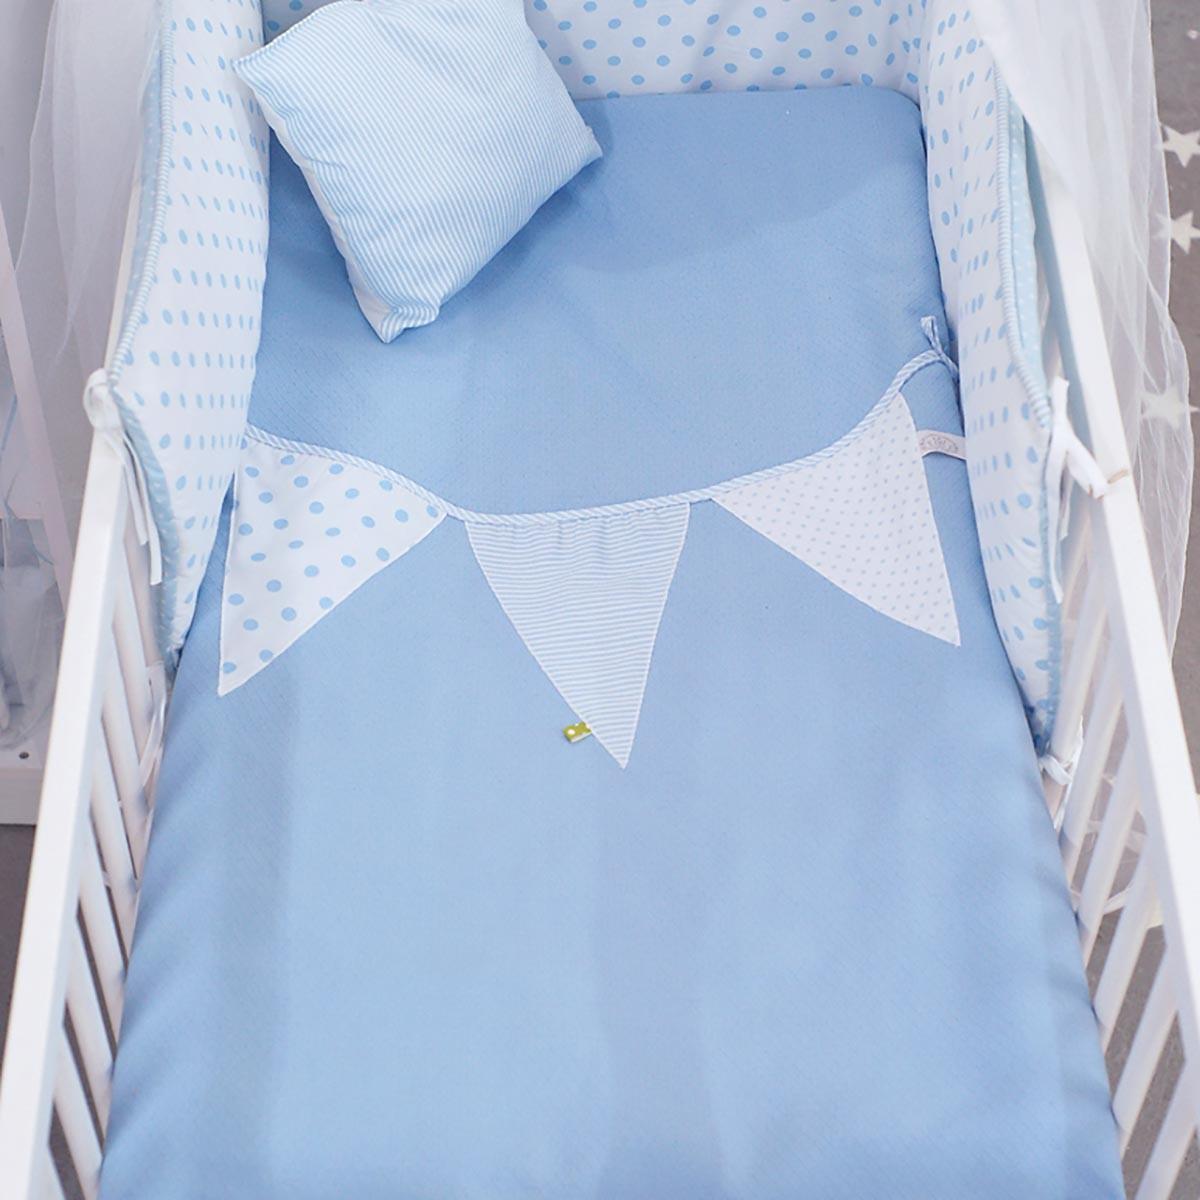 Κουβέρτα Πικέ Κούνιας Ninna Nanna Σιέλ Πουά home   βρεφικά   κουβέρτες βρεφικές   κουβέρτες καλοκαιρινές